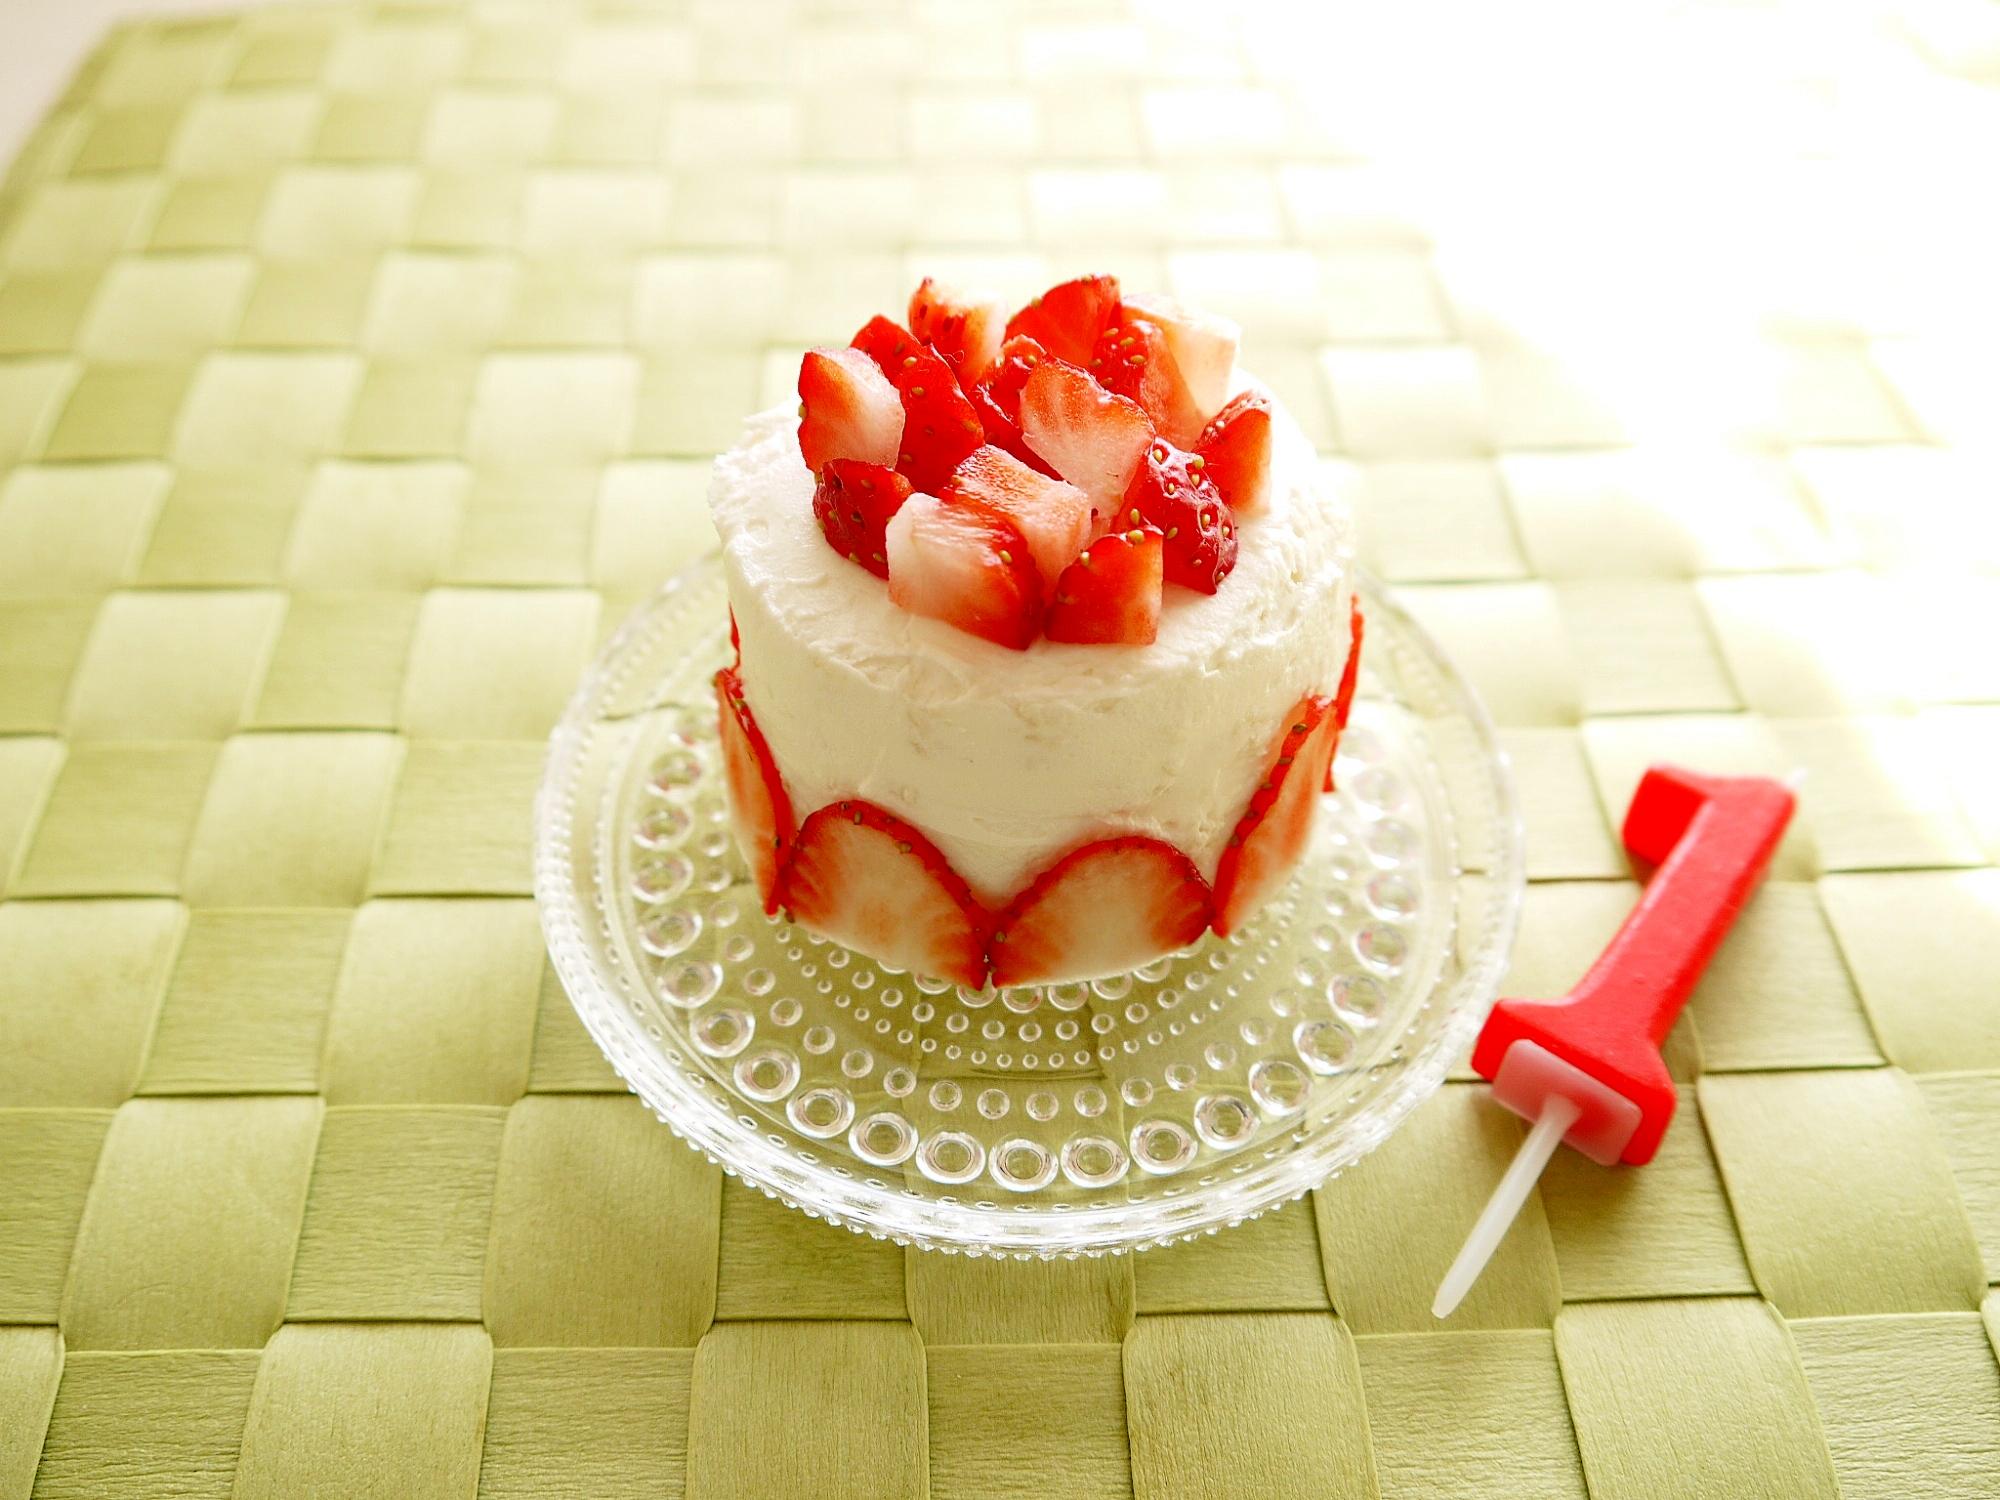 1. ヨーグルトクリームのドームケーキ